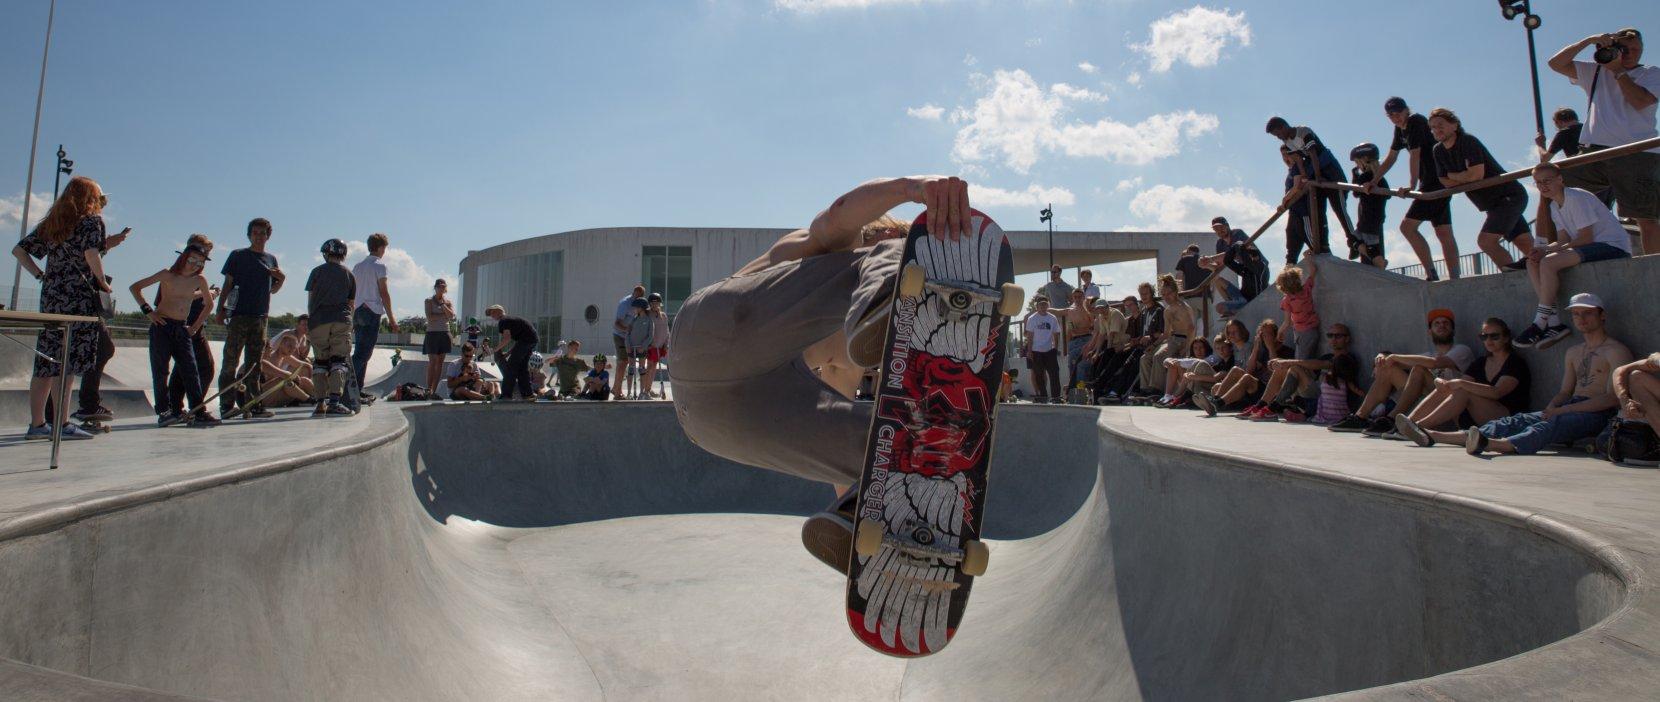 Foto: Rudersdal Skatepark